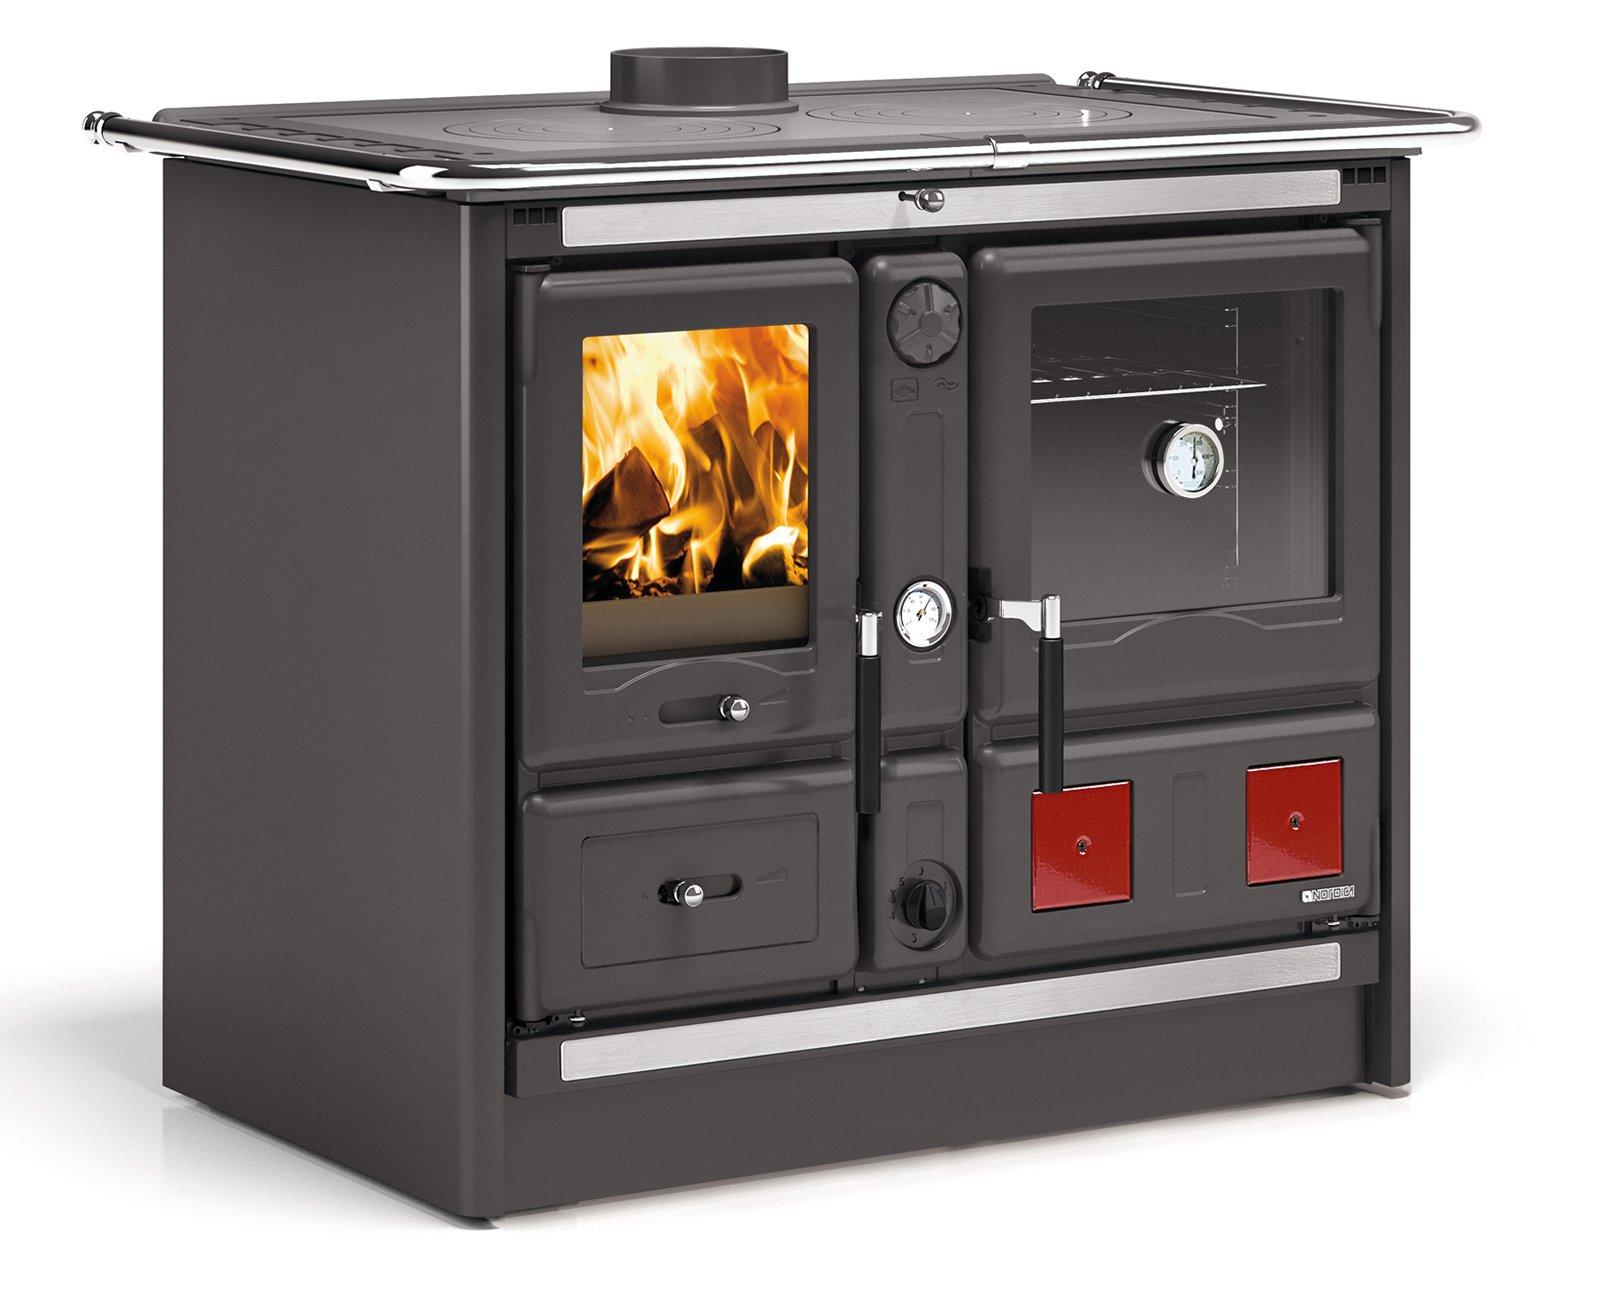 Cucine economiche a legna nordica prezzi decora la tua vita - Cucine a pellet prezzi ...